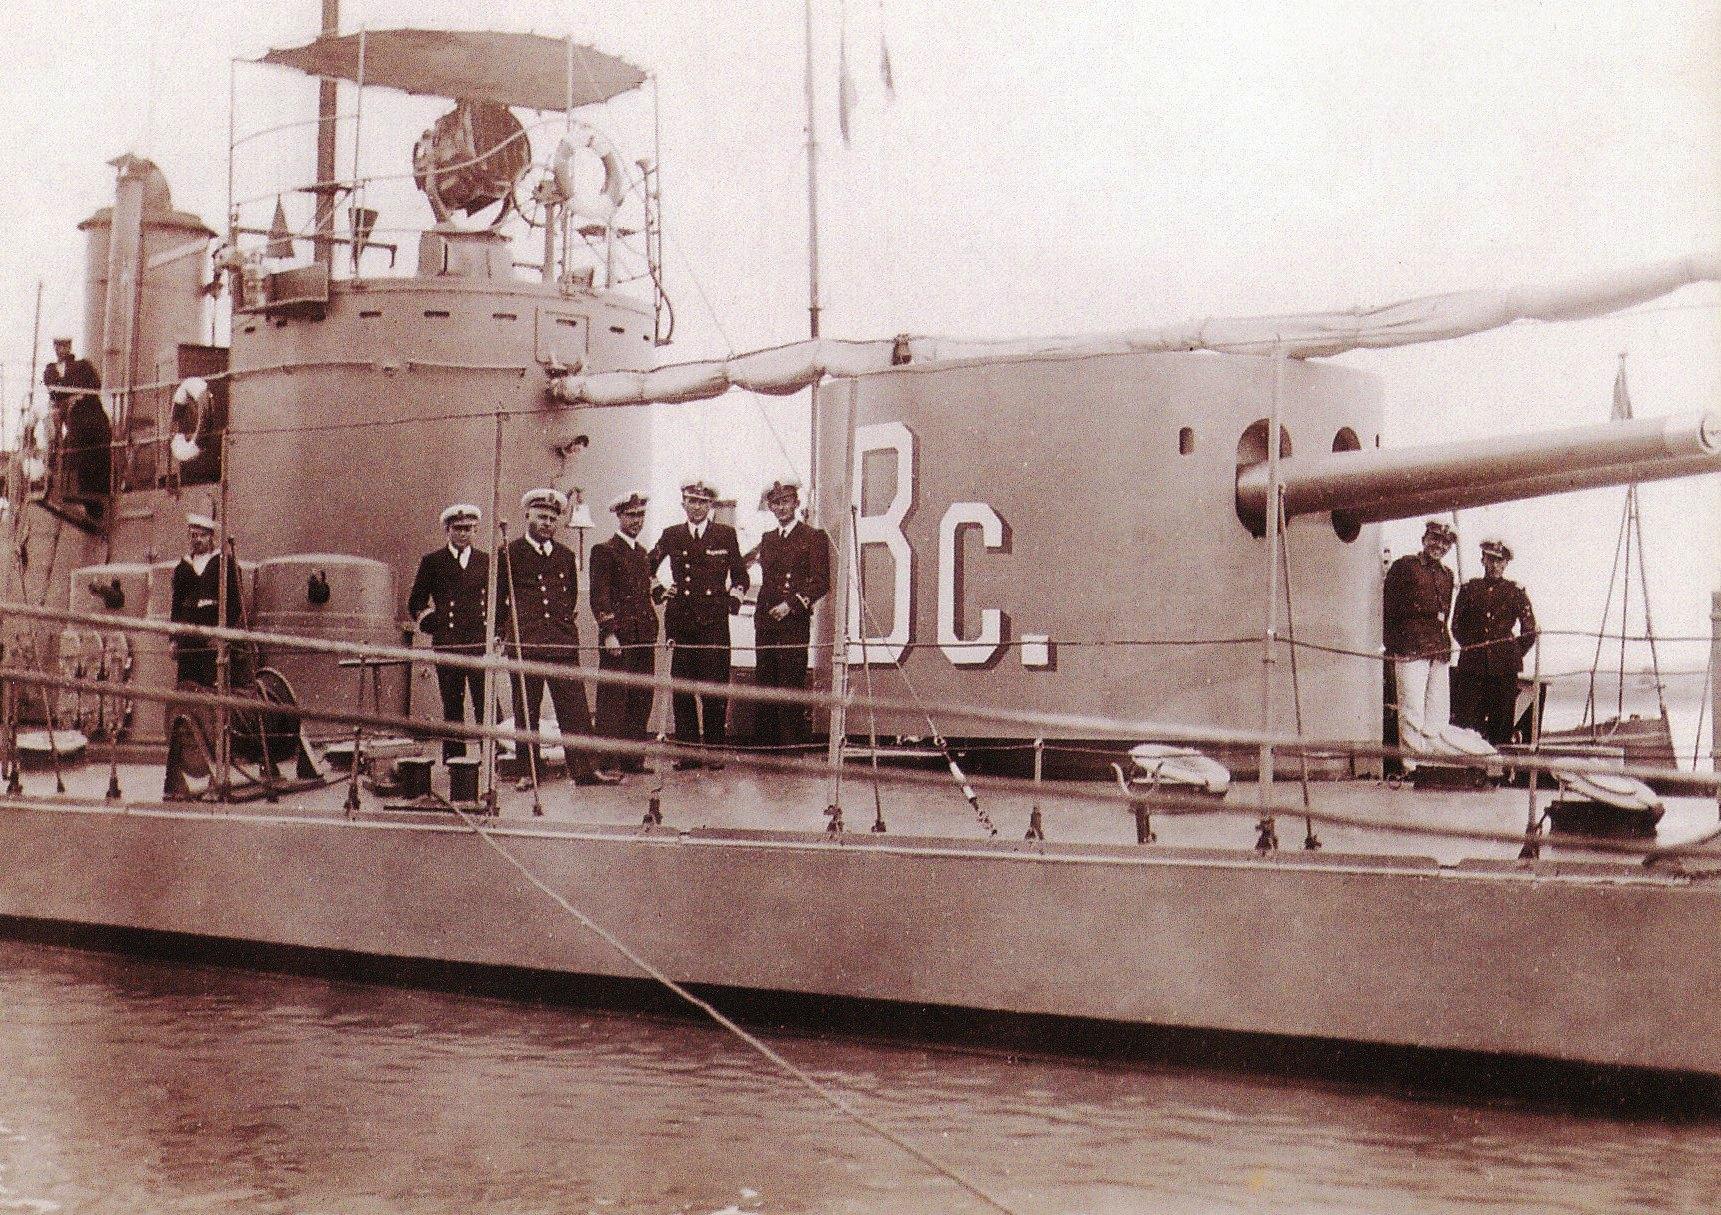 """Monitorul """"Bucovina"""", ex-""""Sava"""", a participat la actțunile navale de urmărire și capturare a banditului Terente."""